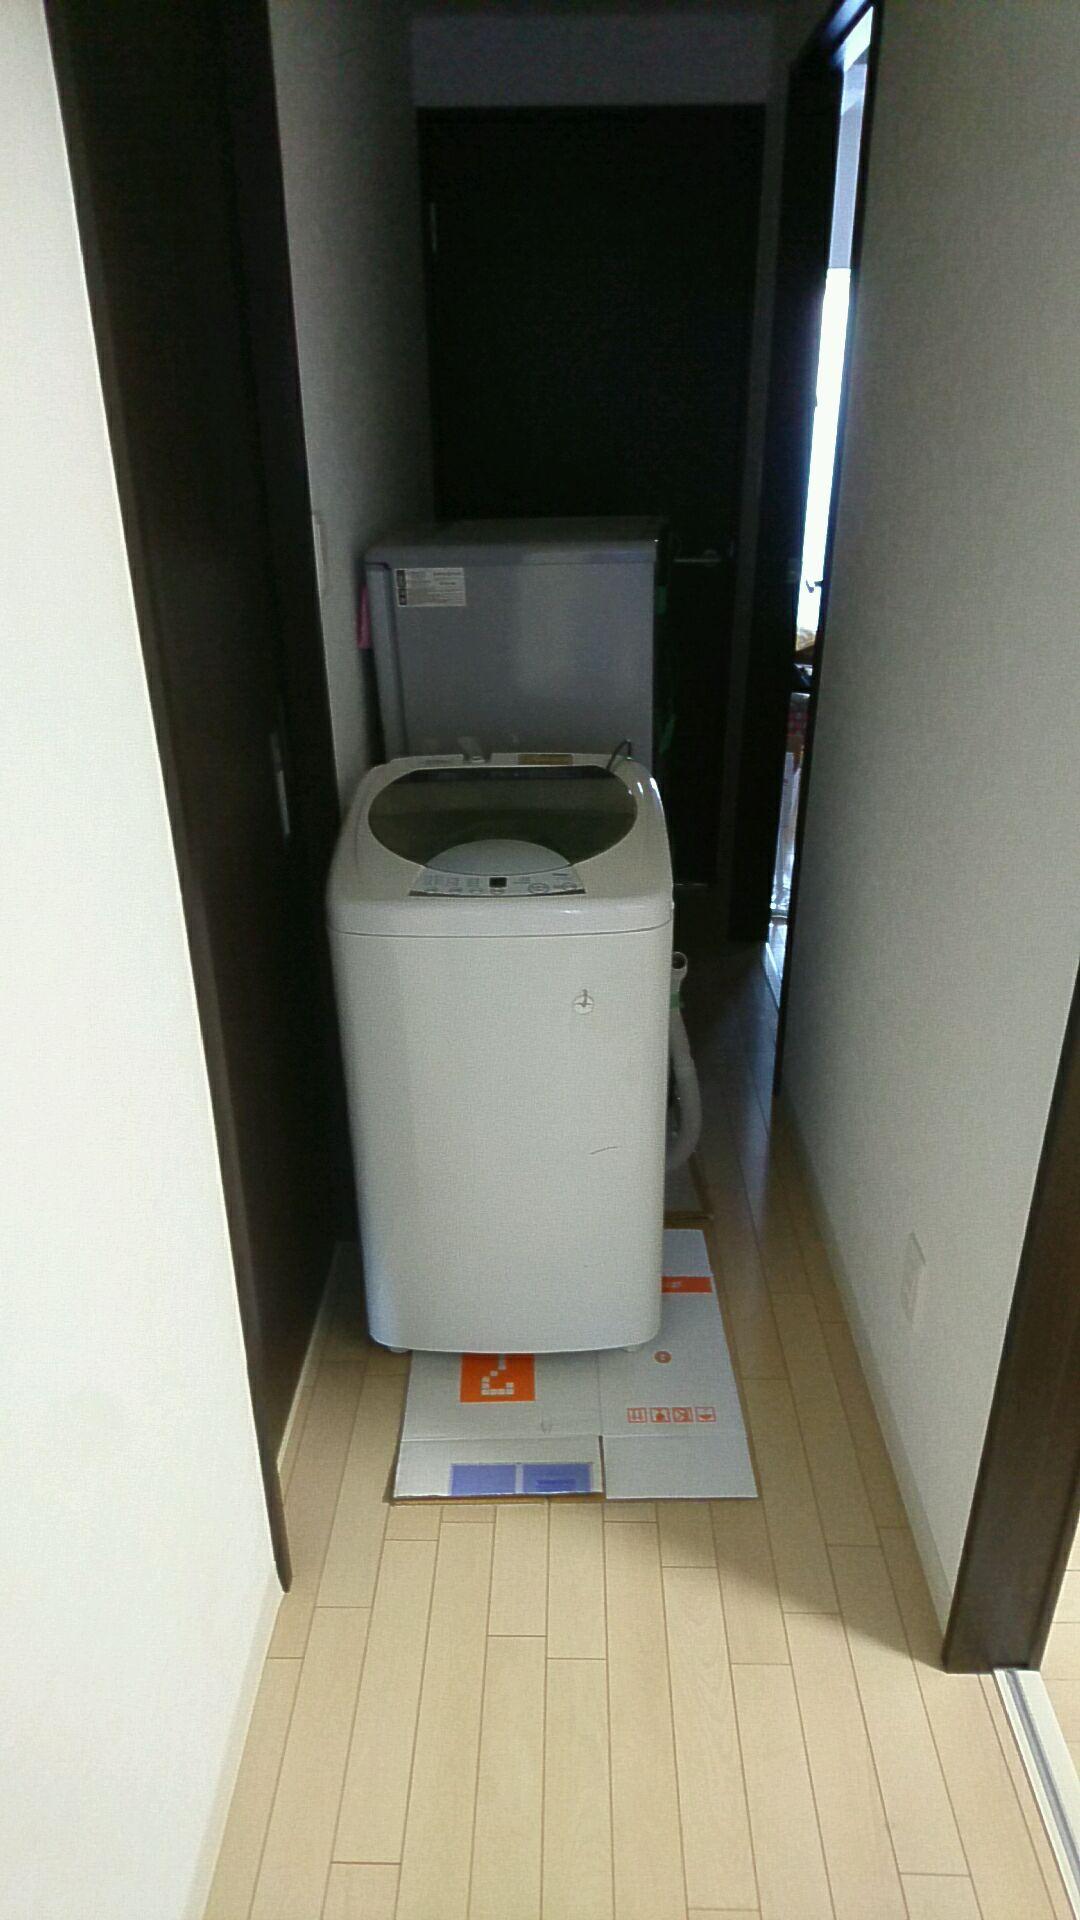 【愛知県名古屋市中村区】洗濯機と冷蔵庫の回収